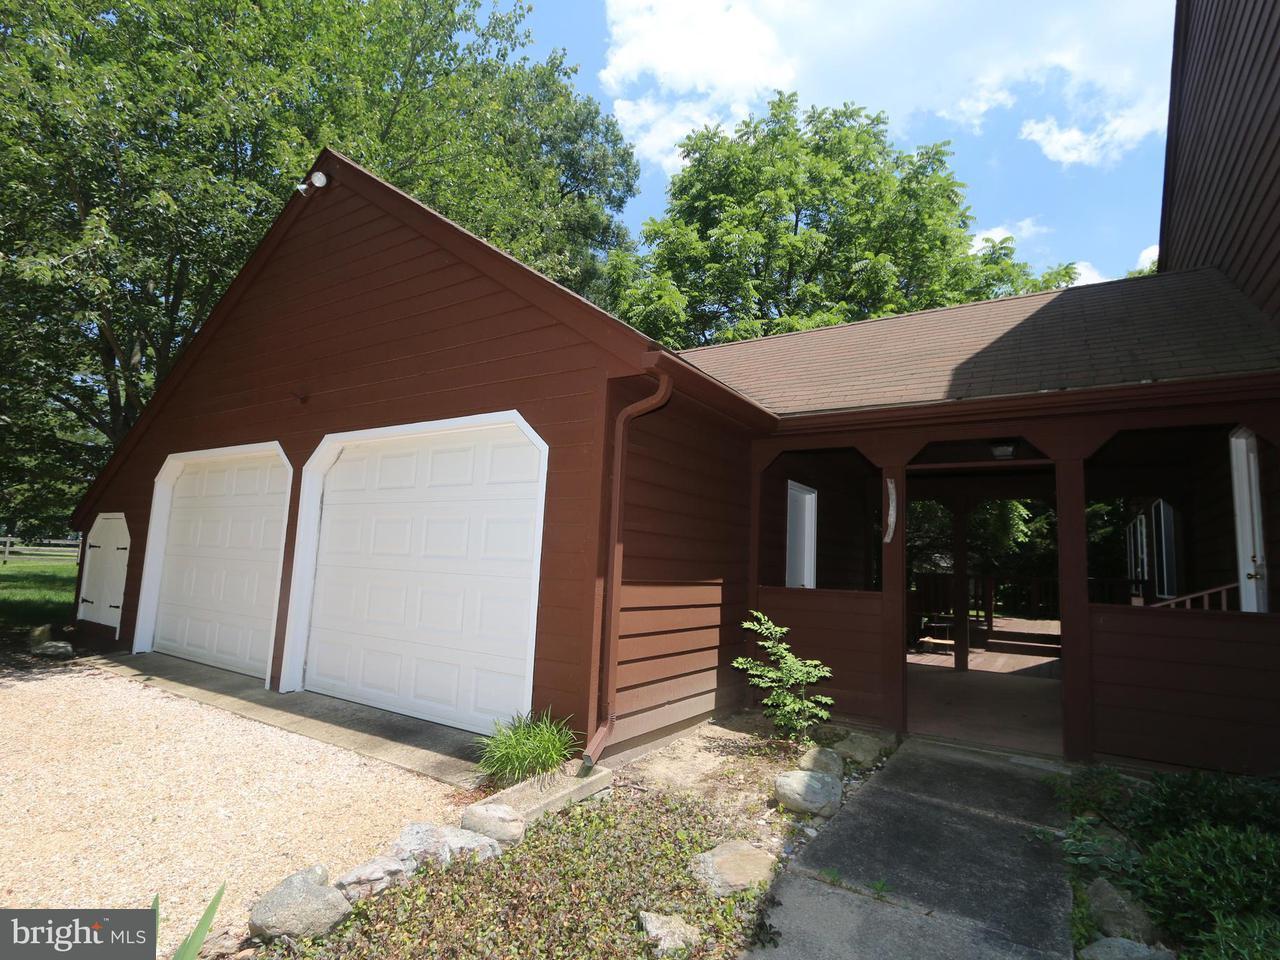 Частный односемейный дом для того Продажа на 46509 Millstone Landing Road 46509 Millstone Landing Road Lexington Park, Мэриленд 20653 Соединенные Штаты